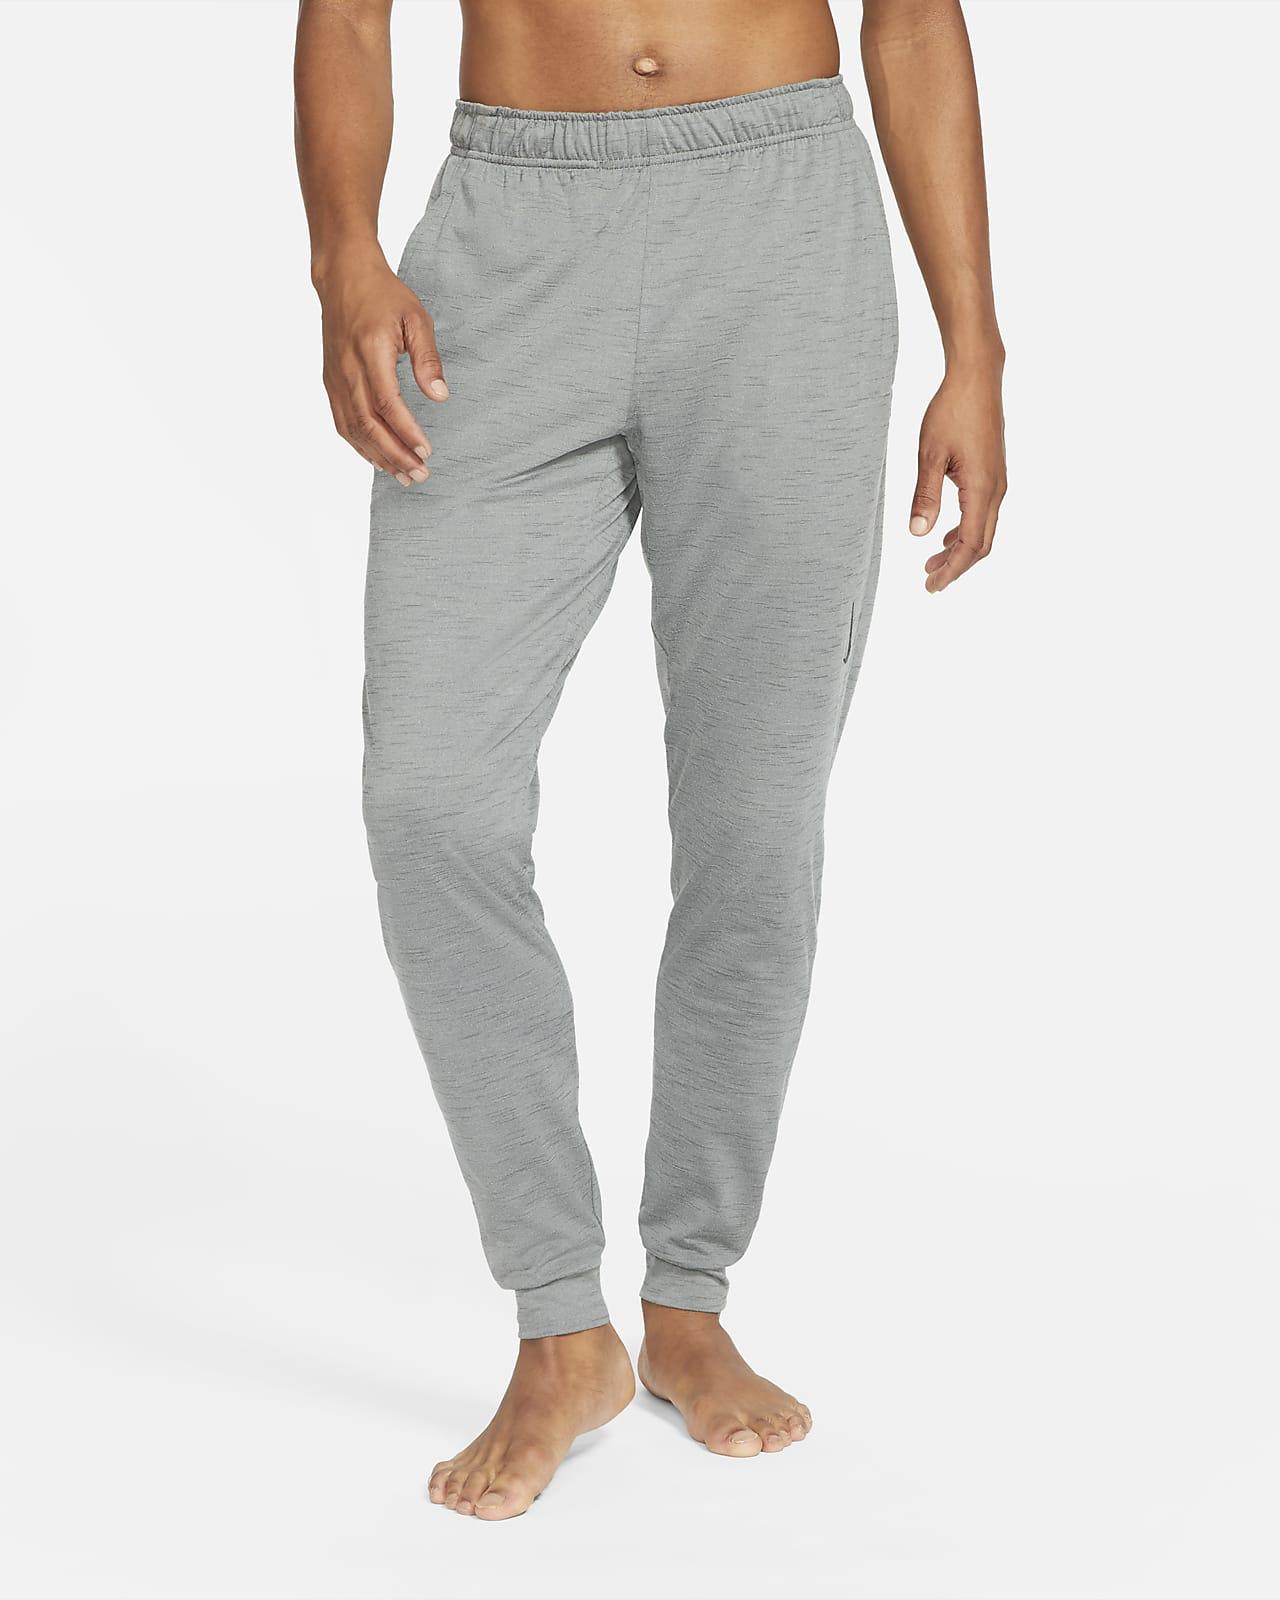 Ανδρικό παντελόνι Nike Yoga Dri-FIT